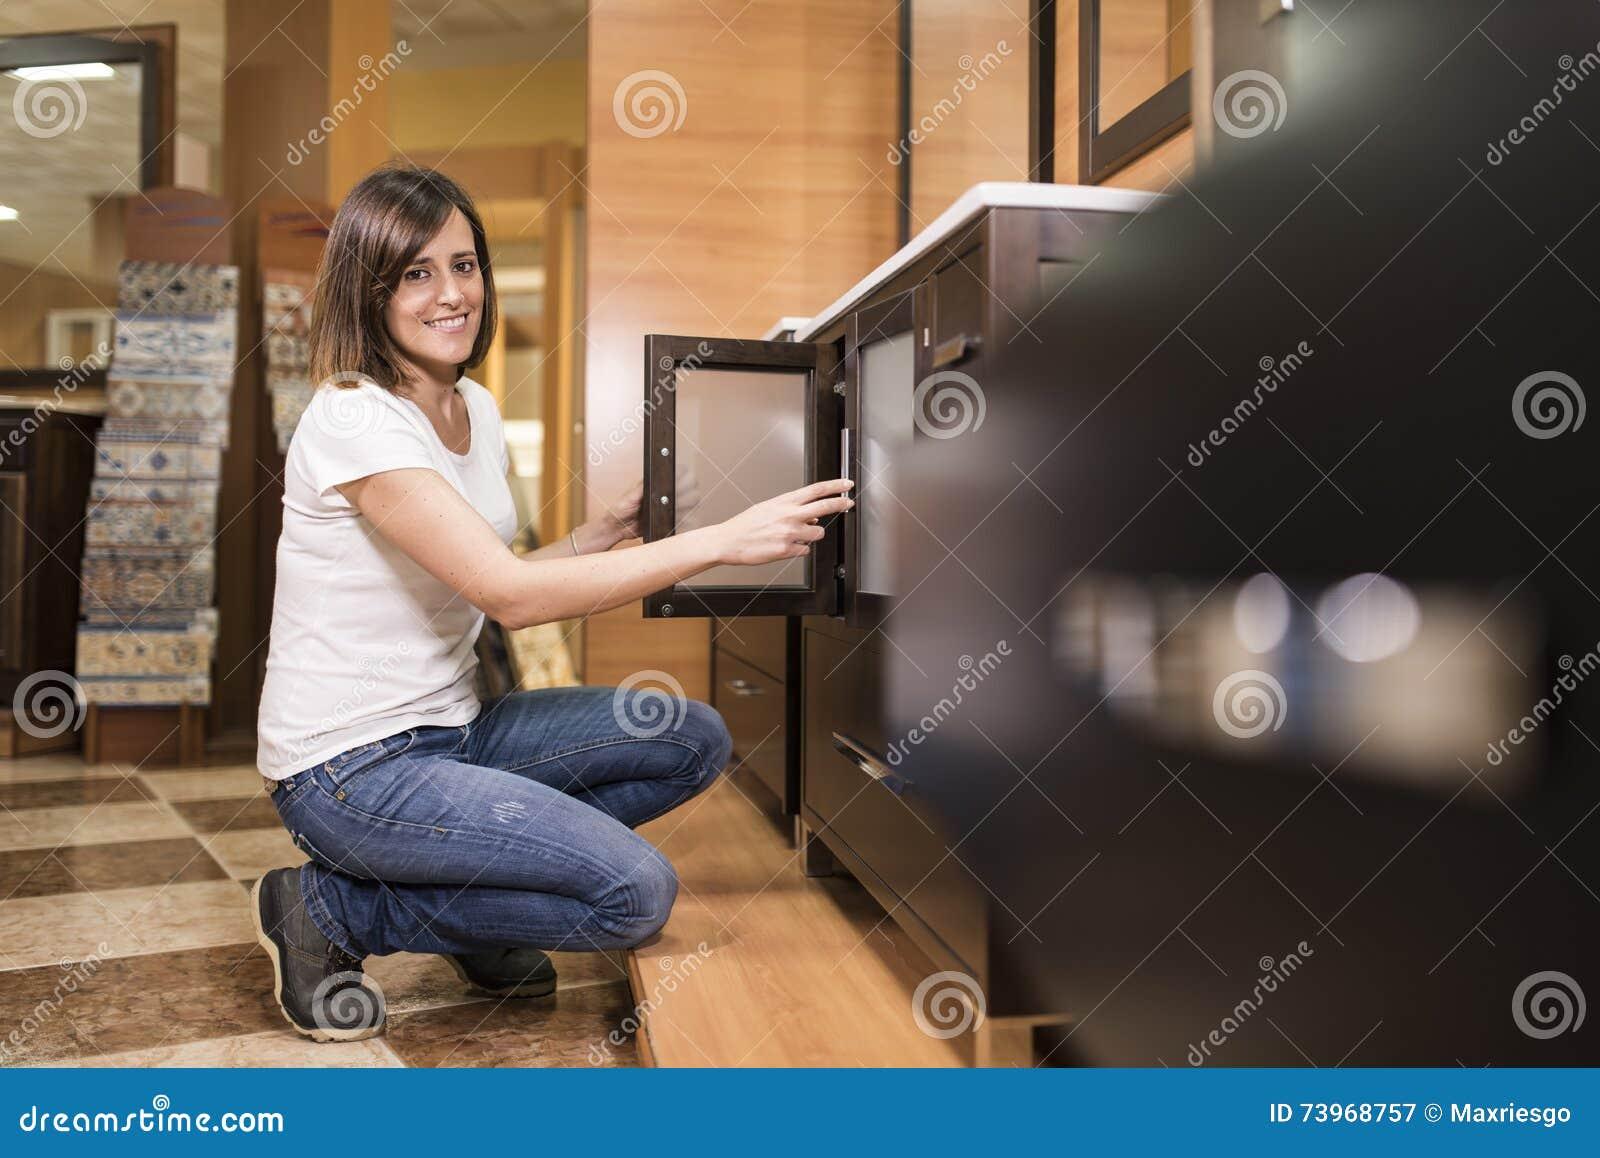 Анальный взрослая девушка в пеленках фото фото